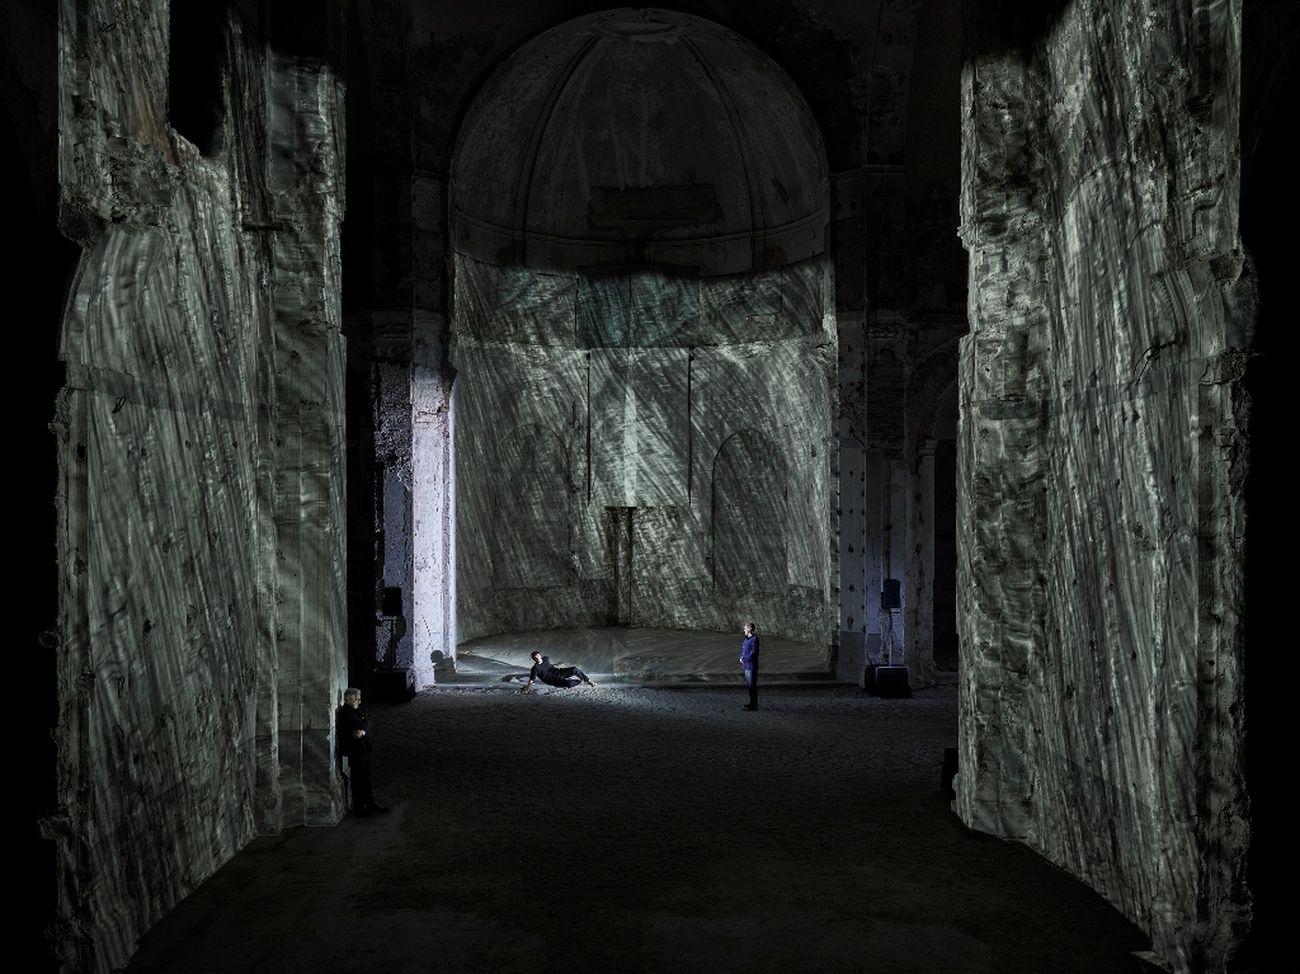 Piero Maccarinelli, Divina Commedia. La prima giornata, 2021, Spoleto. Courtesy Festival dei Due Mondi